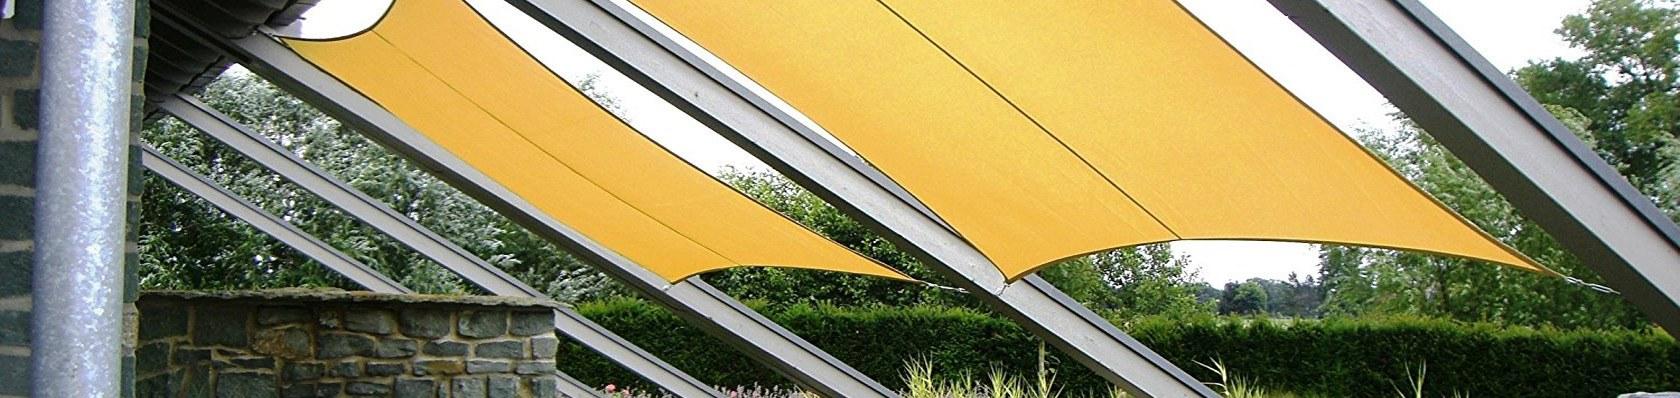 Sonnensegel im Test auf ExpertenTesten.de